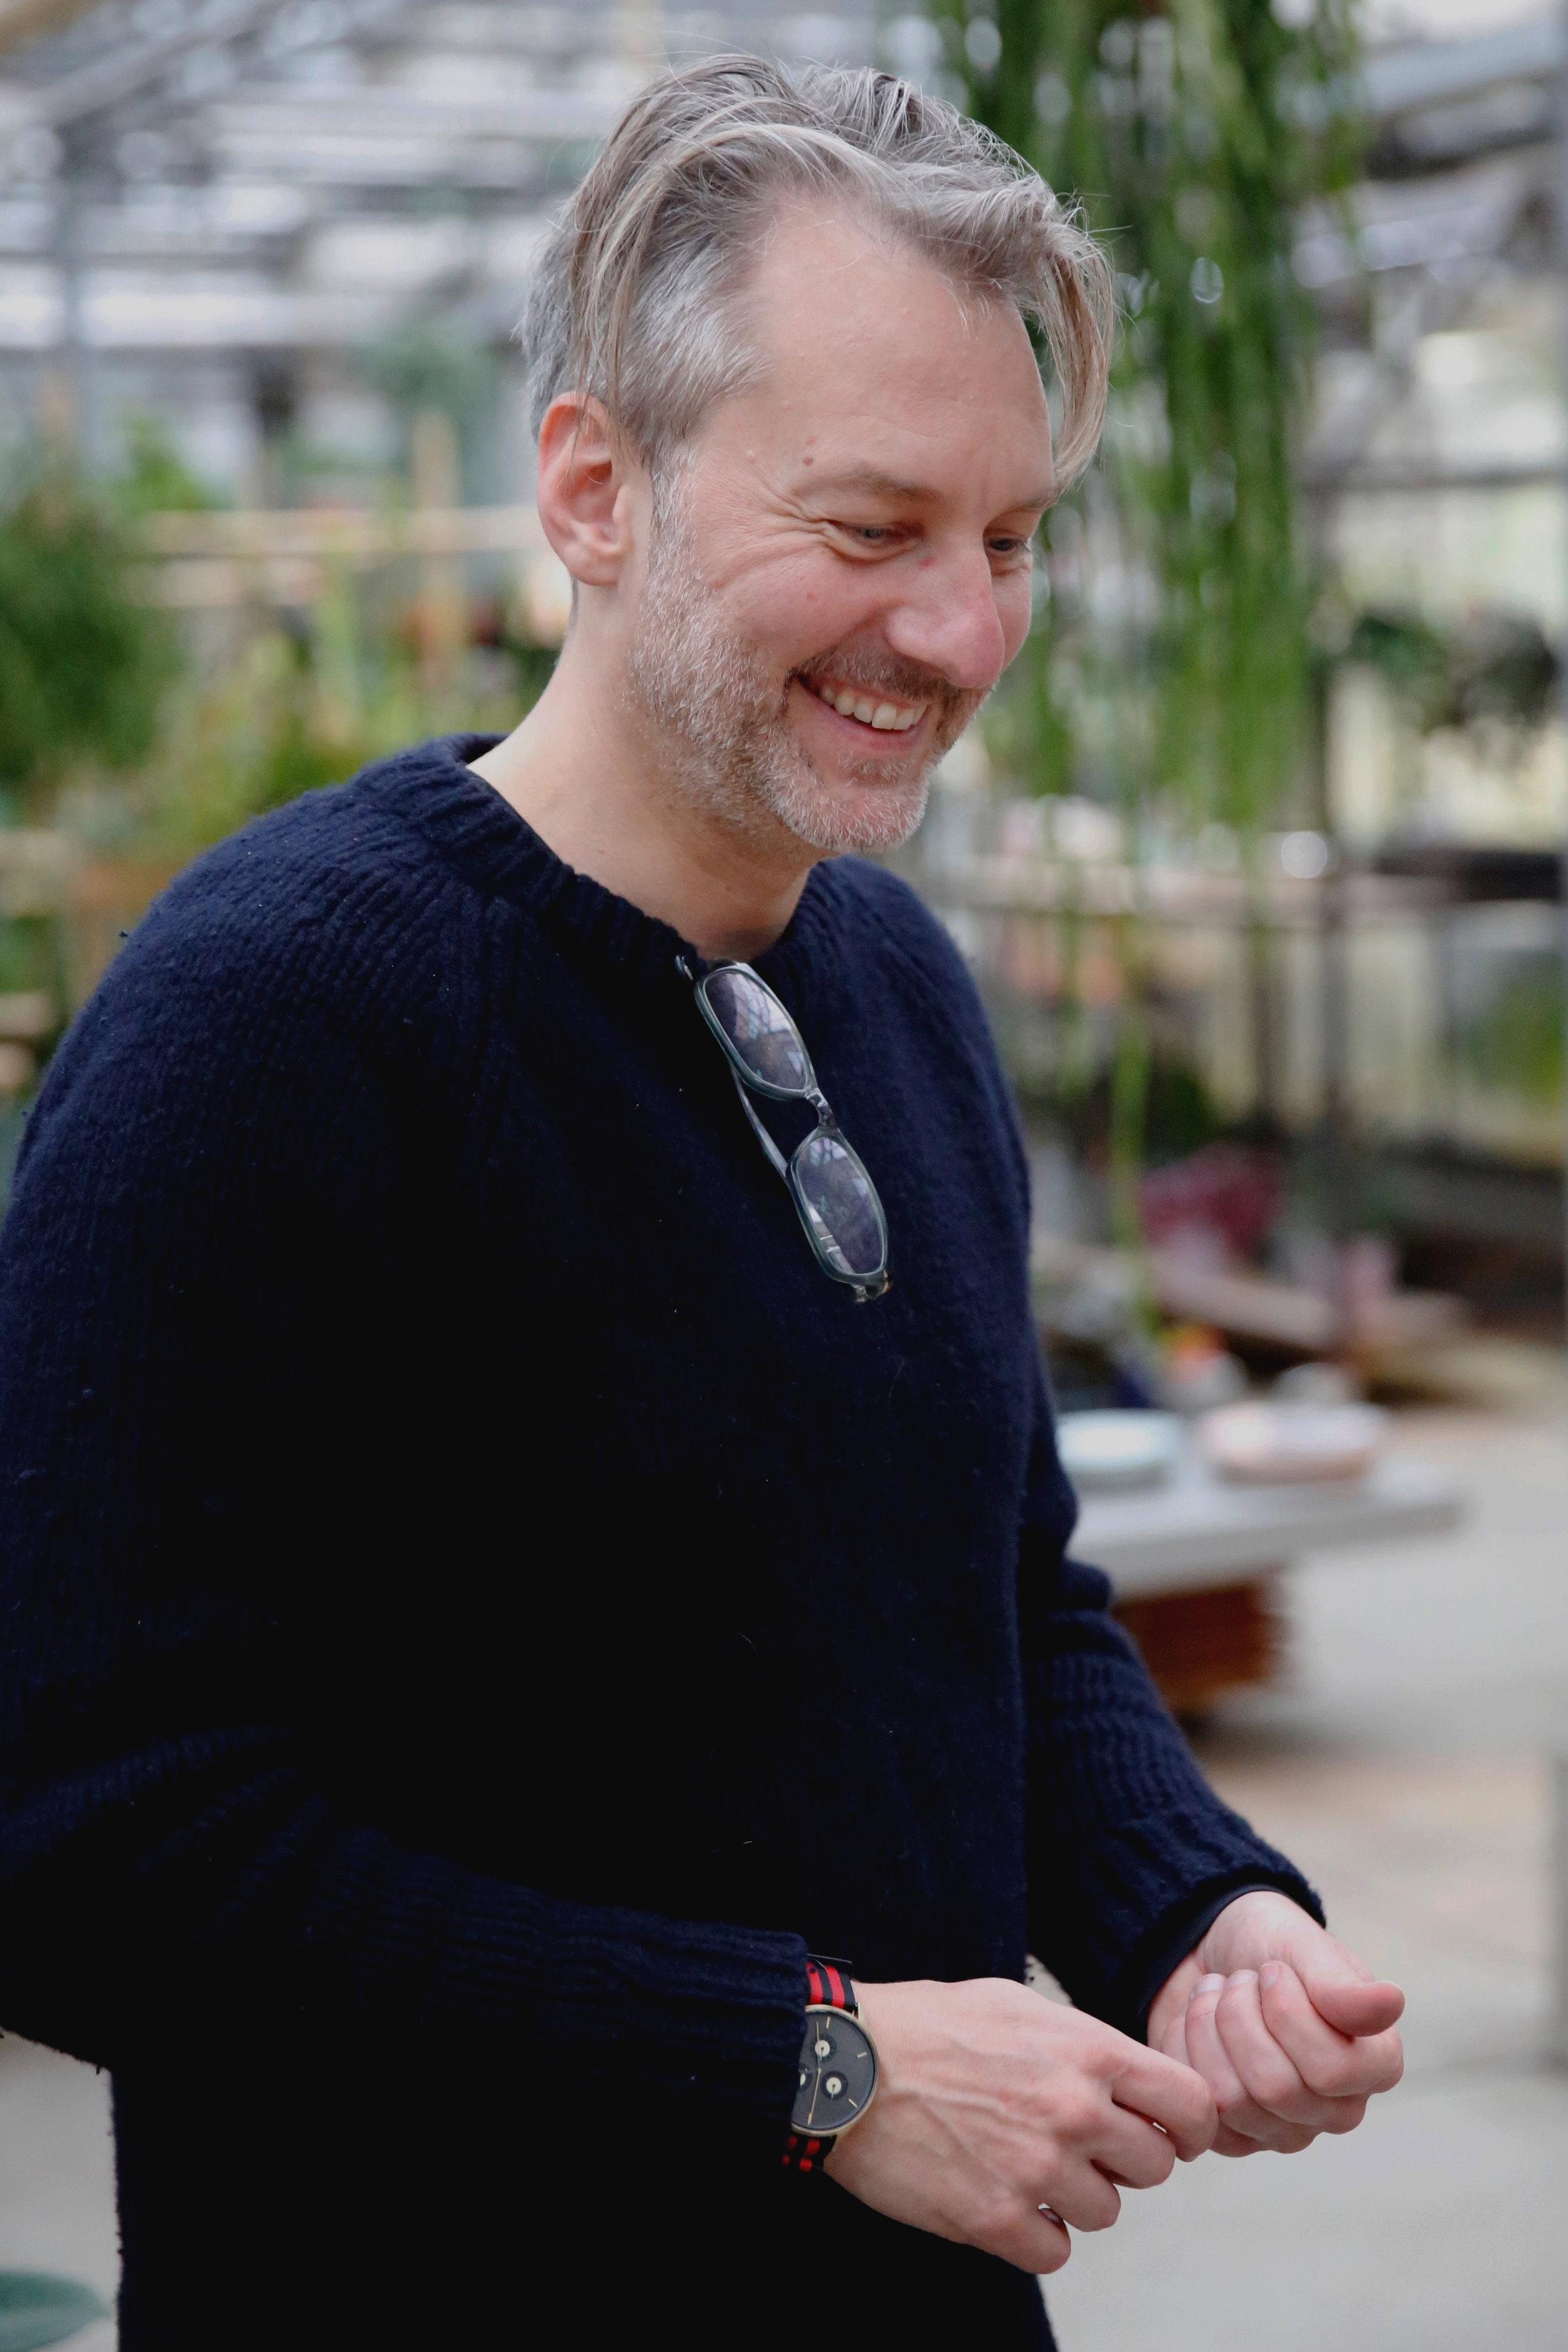 Kurt   fotograaf (& sporadische winkelhulp) - Kurt is, naast de 'vriend van', vliegvisser en fotograaf. Verenigd in de liefde voor natuur en de schone kunsten leent hij zich regelmatig voor kiekjes van de winkel en verzorgt hij prachtige plantportretten met een artistieke invulling. Maar dat doet hij vooral als een daad van liefde. Liever dan dat reist hij voor zijn autonoom werk België en Nederland door om in samenwerking met archeologen en geologen op zoek te gaan naar het verloren landschap. Deze sympathieke Vlaming verzorgt ook de zeer populaire cyanotypie-workshops bij How are you growing? en helpt Karima in de winkel als zij weer eens veel hooi op haar vork heeft. Hij vindt de Dicksonia antarctica fascinerend, omdat deze meer dan 400 jaar oud kan worden en al lang op deze planeet groeide voor de eerste mens verscheen.